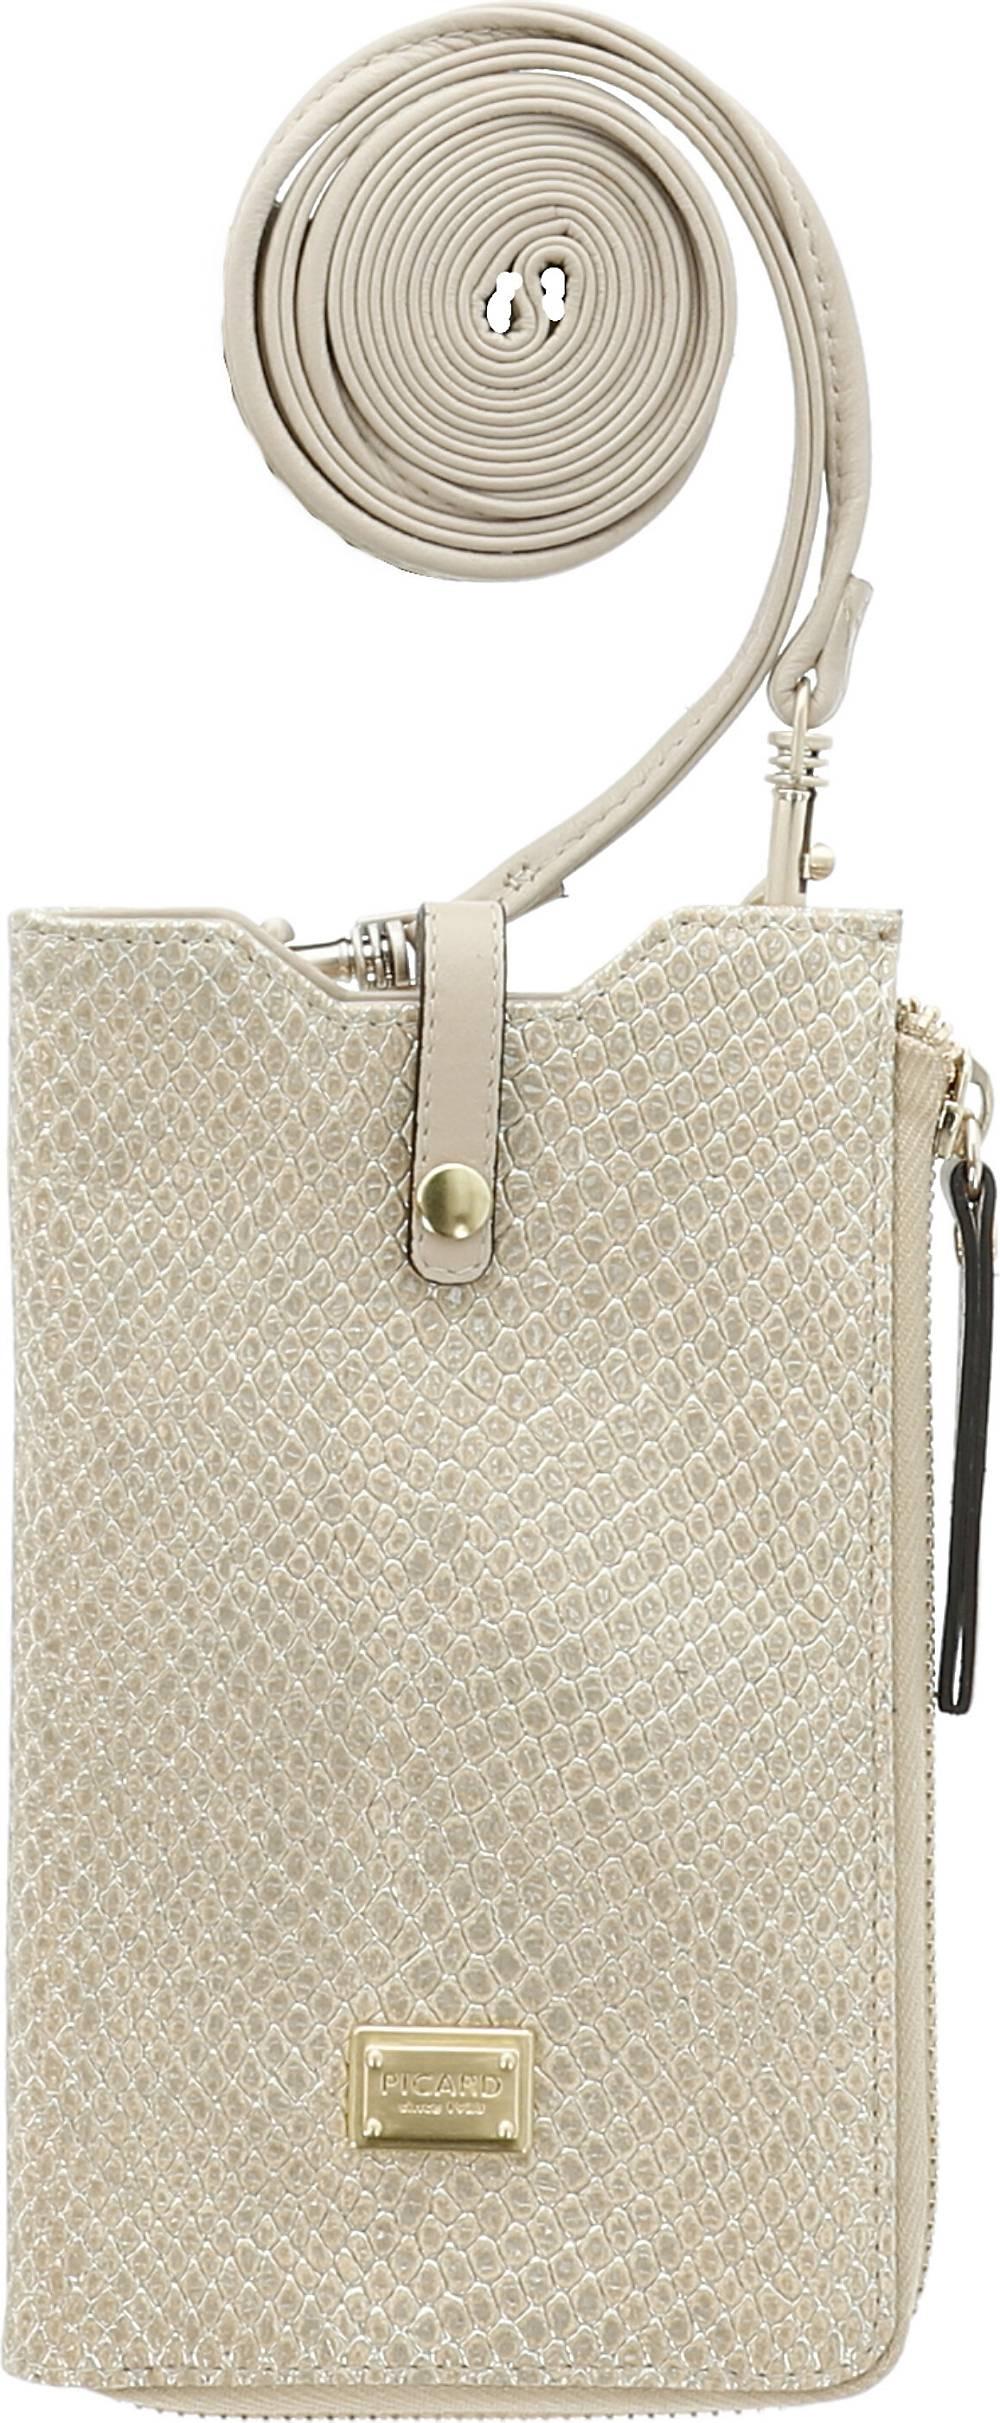 PICARD, Borneo 1 Handytasche Leder 10 Cm in beige, Handyhüllen & Zubehör für Damen